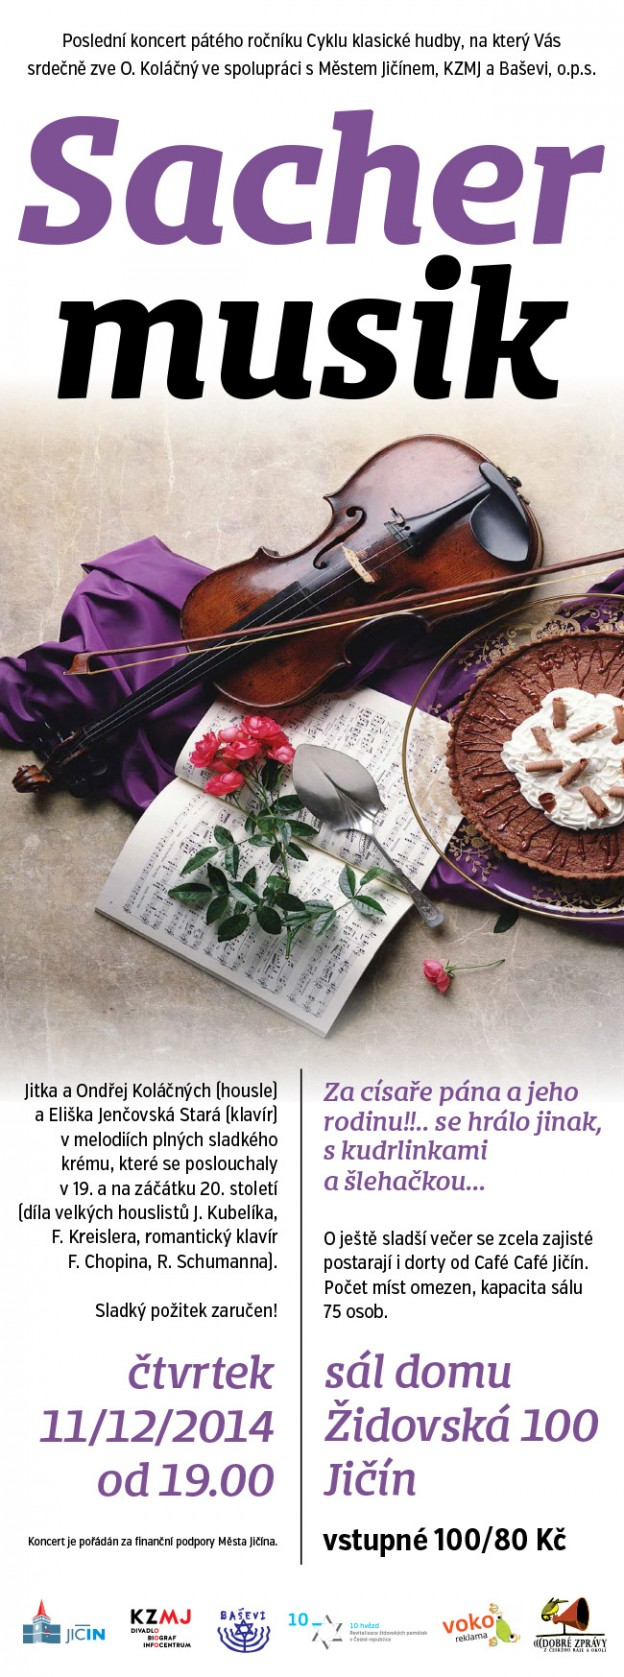 Sacher musik